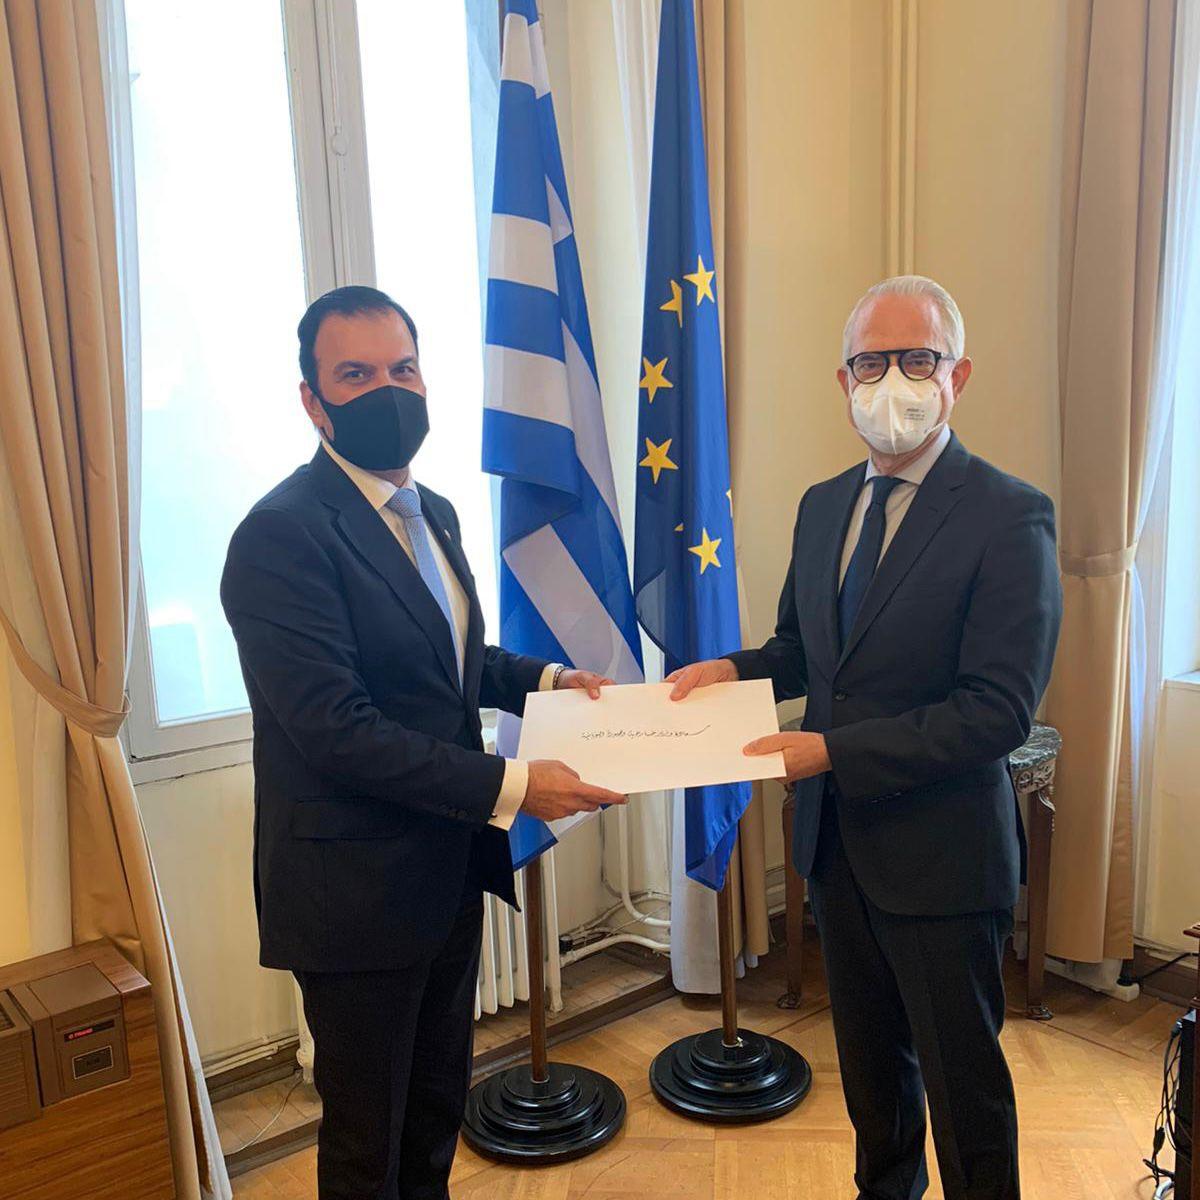 الخارجية اليونانية تتسلم نسخة من أوراق اعتماد سفير دولة قطر